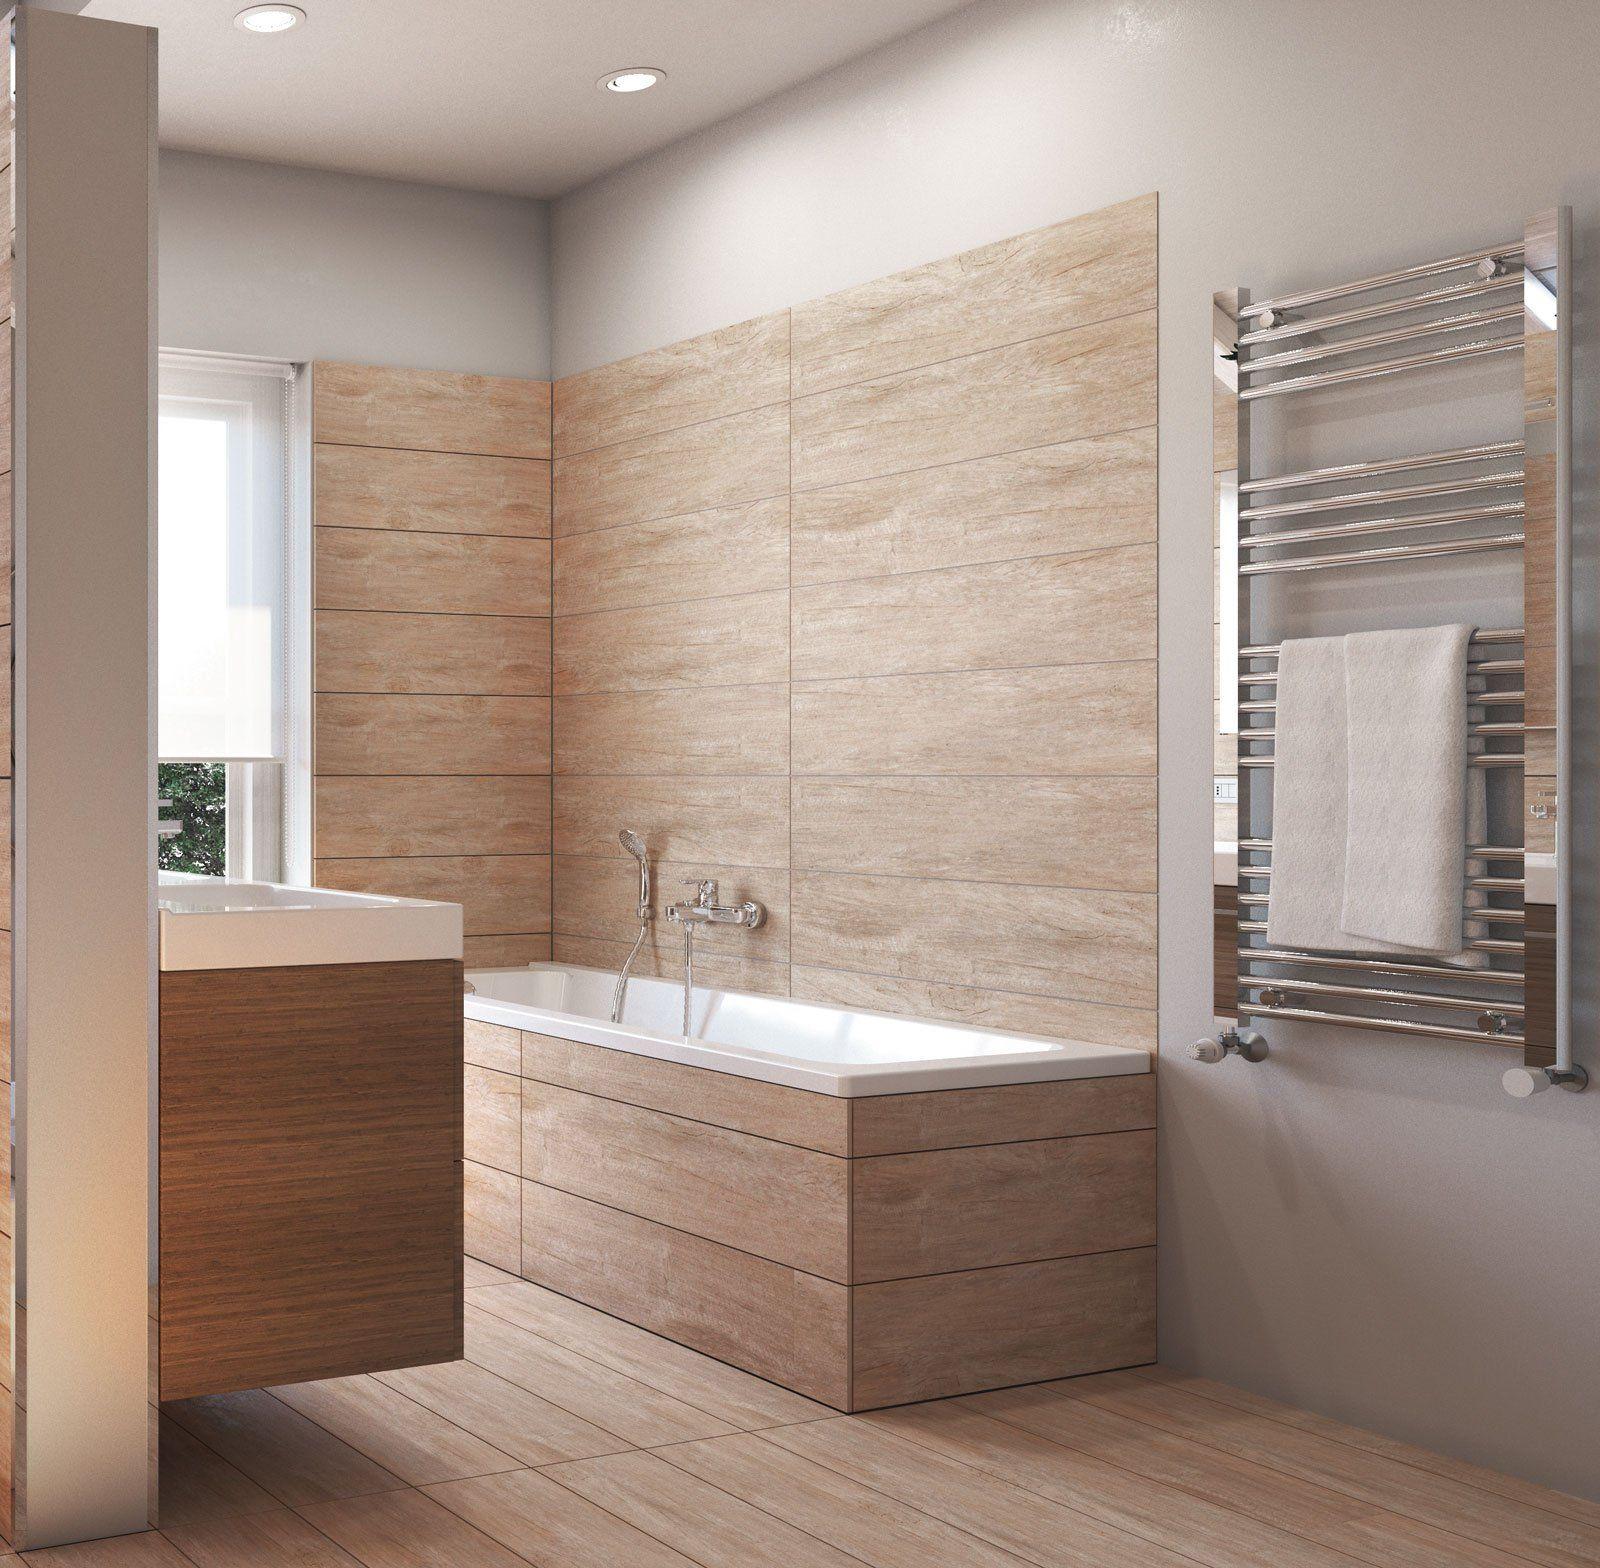 Da Vasca A Doccia Un Bagno Nuovo Su Misura Cose Di Casa Best Bathroom Designs Easy Bathroom Decorating Bathroom Design